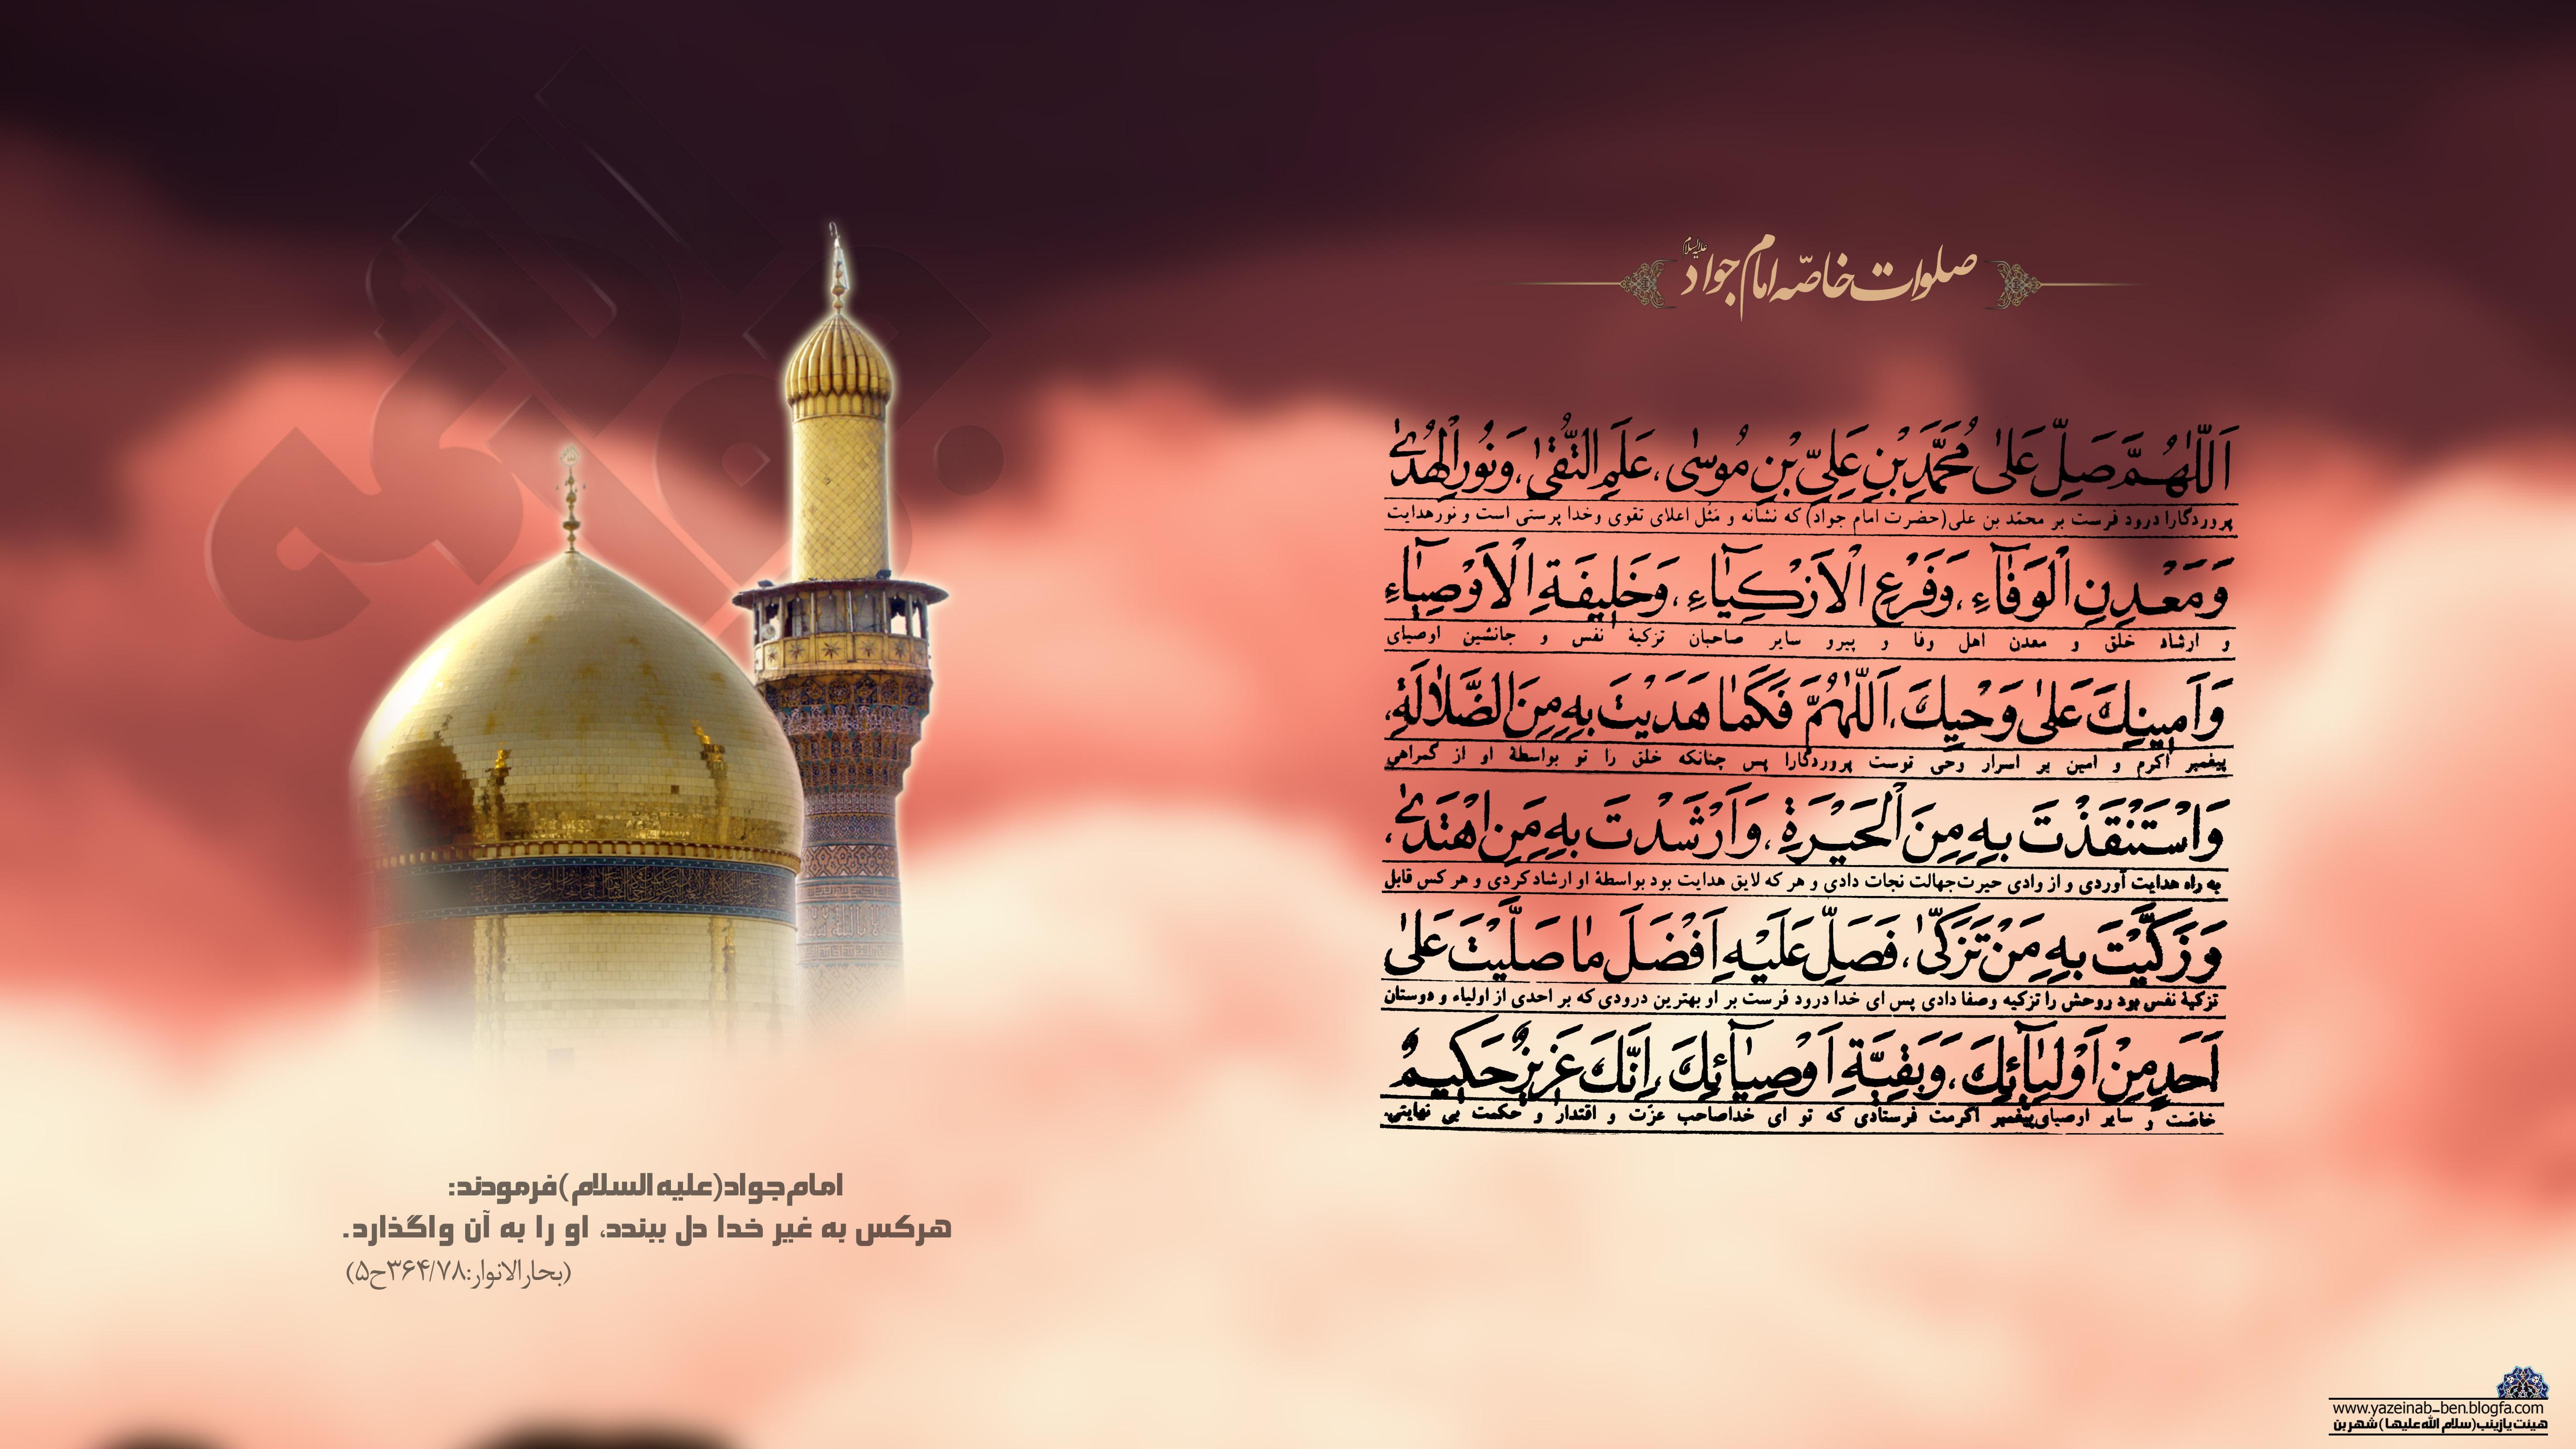 عکس کیک حضرت محمد